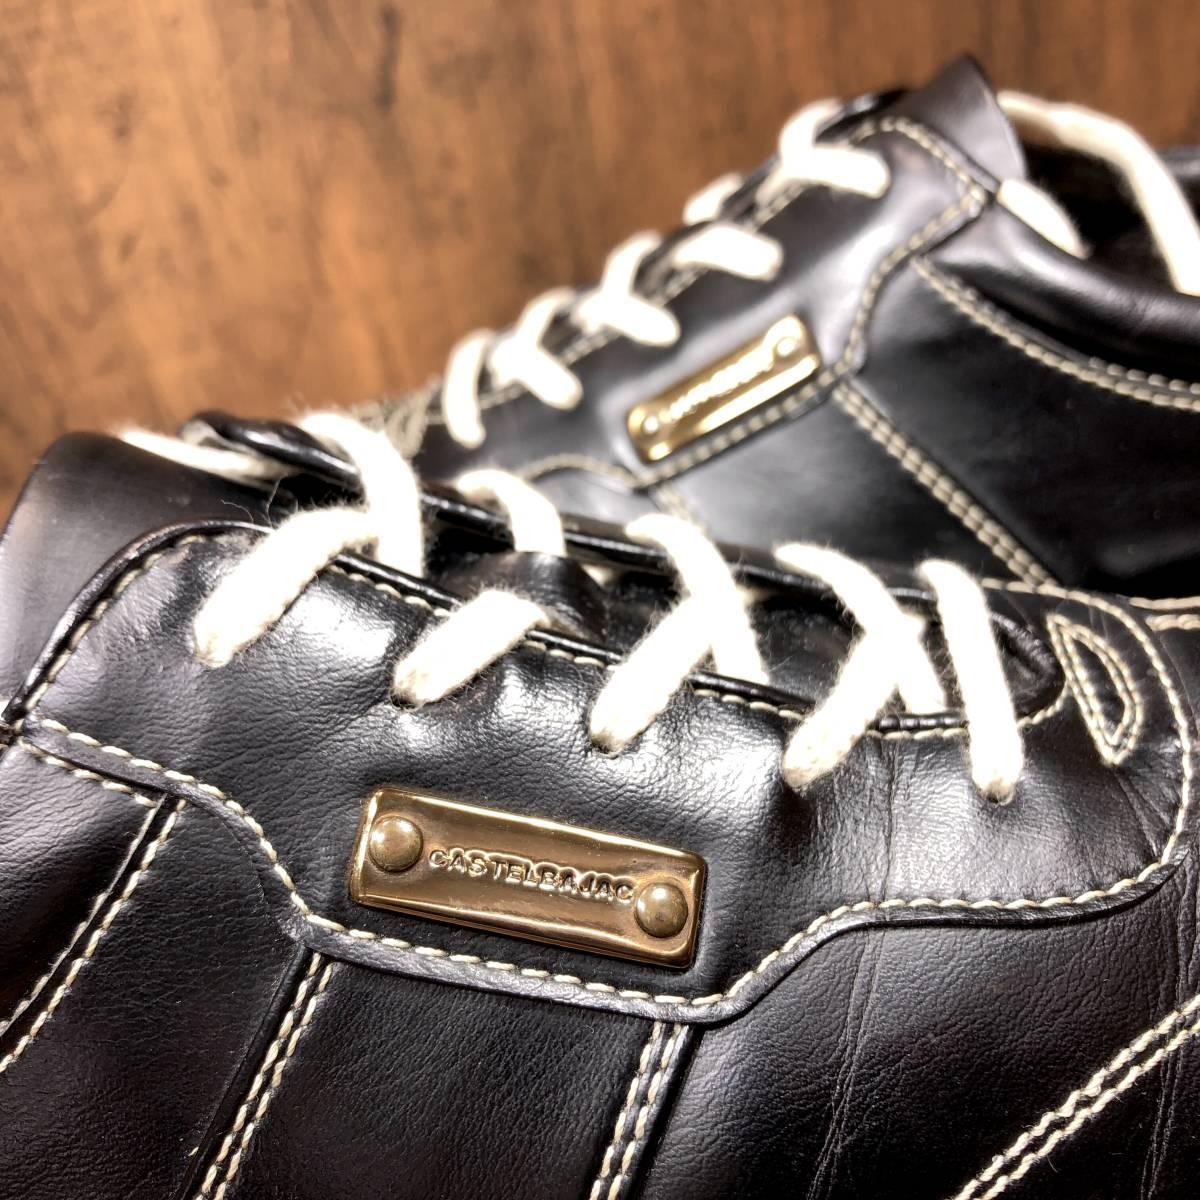 ■CASTELBAJAC■ 26cm 黒 ブラック カステルバジャック スニーカー メンズ 靴 くつ 中古 ヤフネコ 即決_画像10